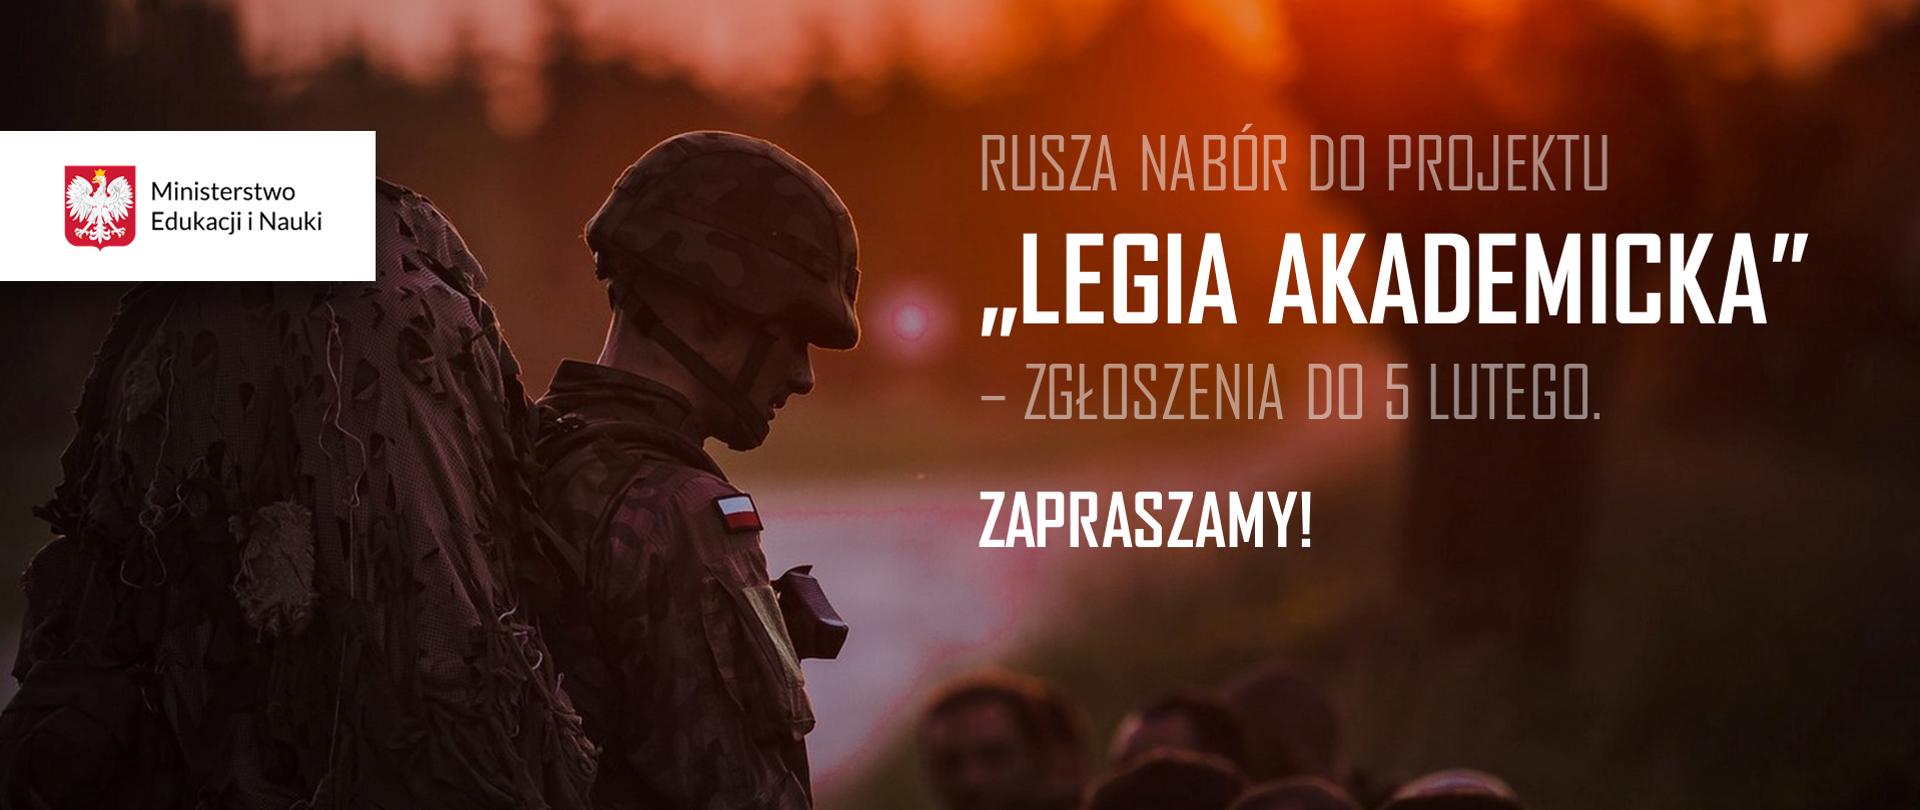 """Zdjęcie polskiego żołnierza, a obok tekst: Rusza nabór do projektu """"Legia Akademicka"""" – zgłoszenia do 5 lutego. Zapraszamy!"""